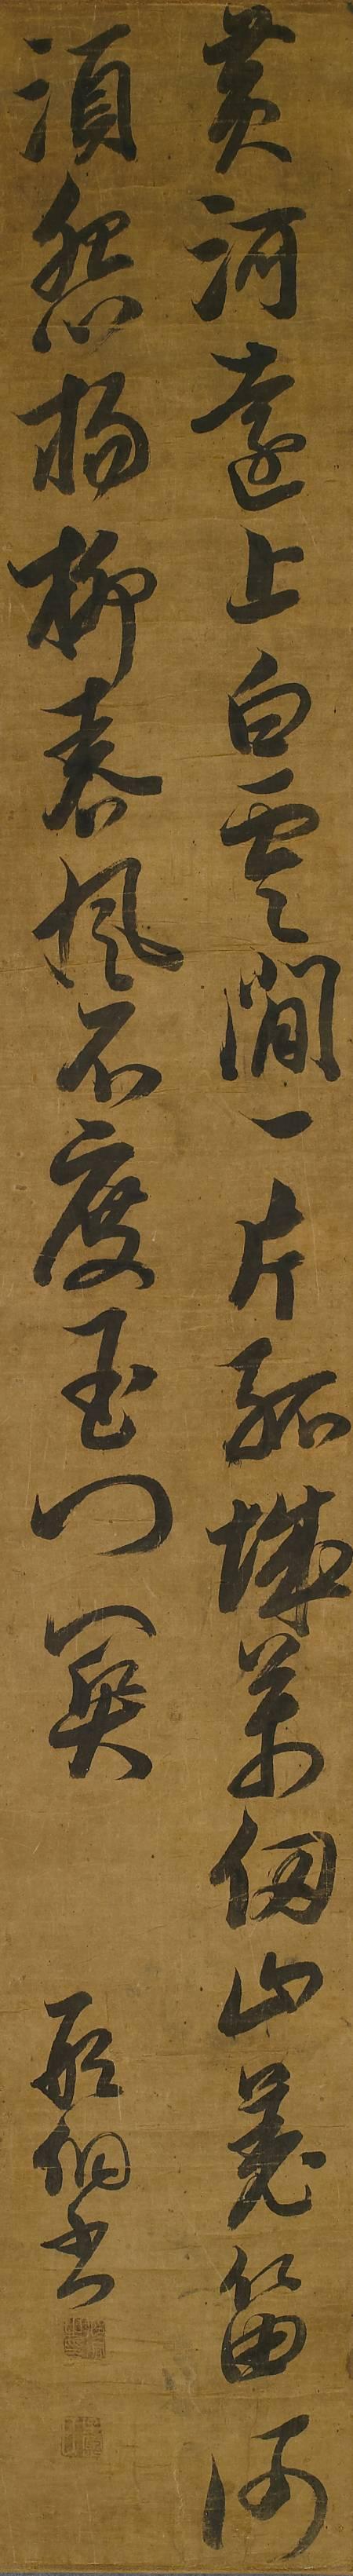 行草王之渙涼州詞立軸